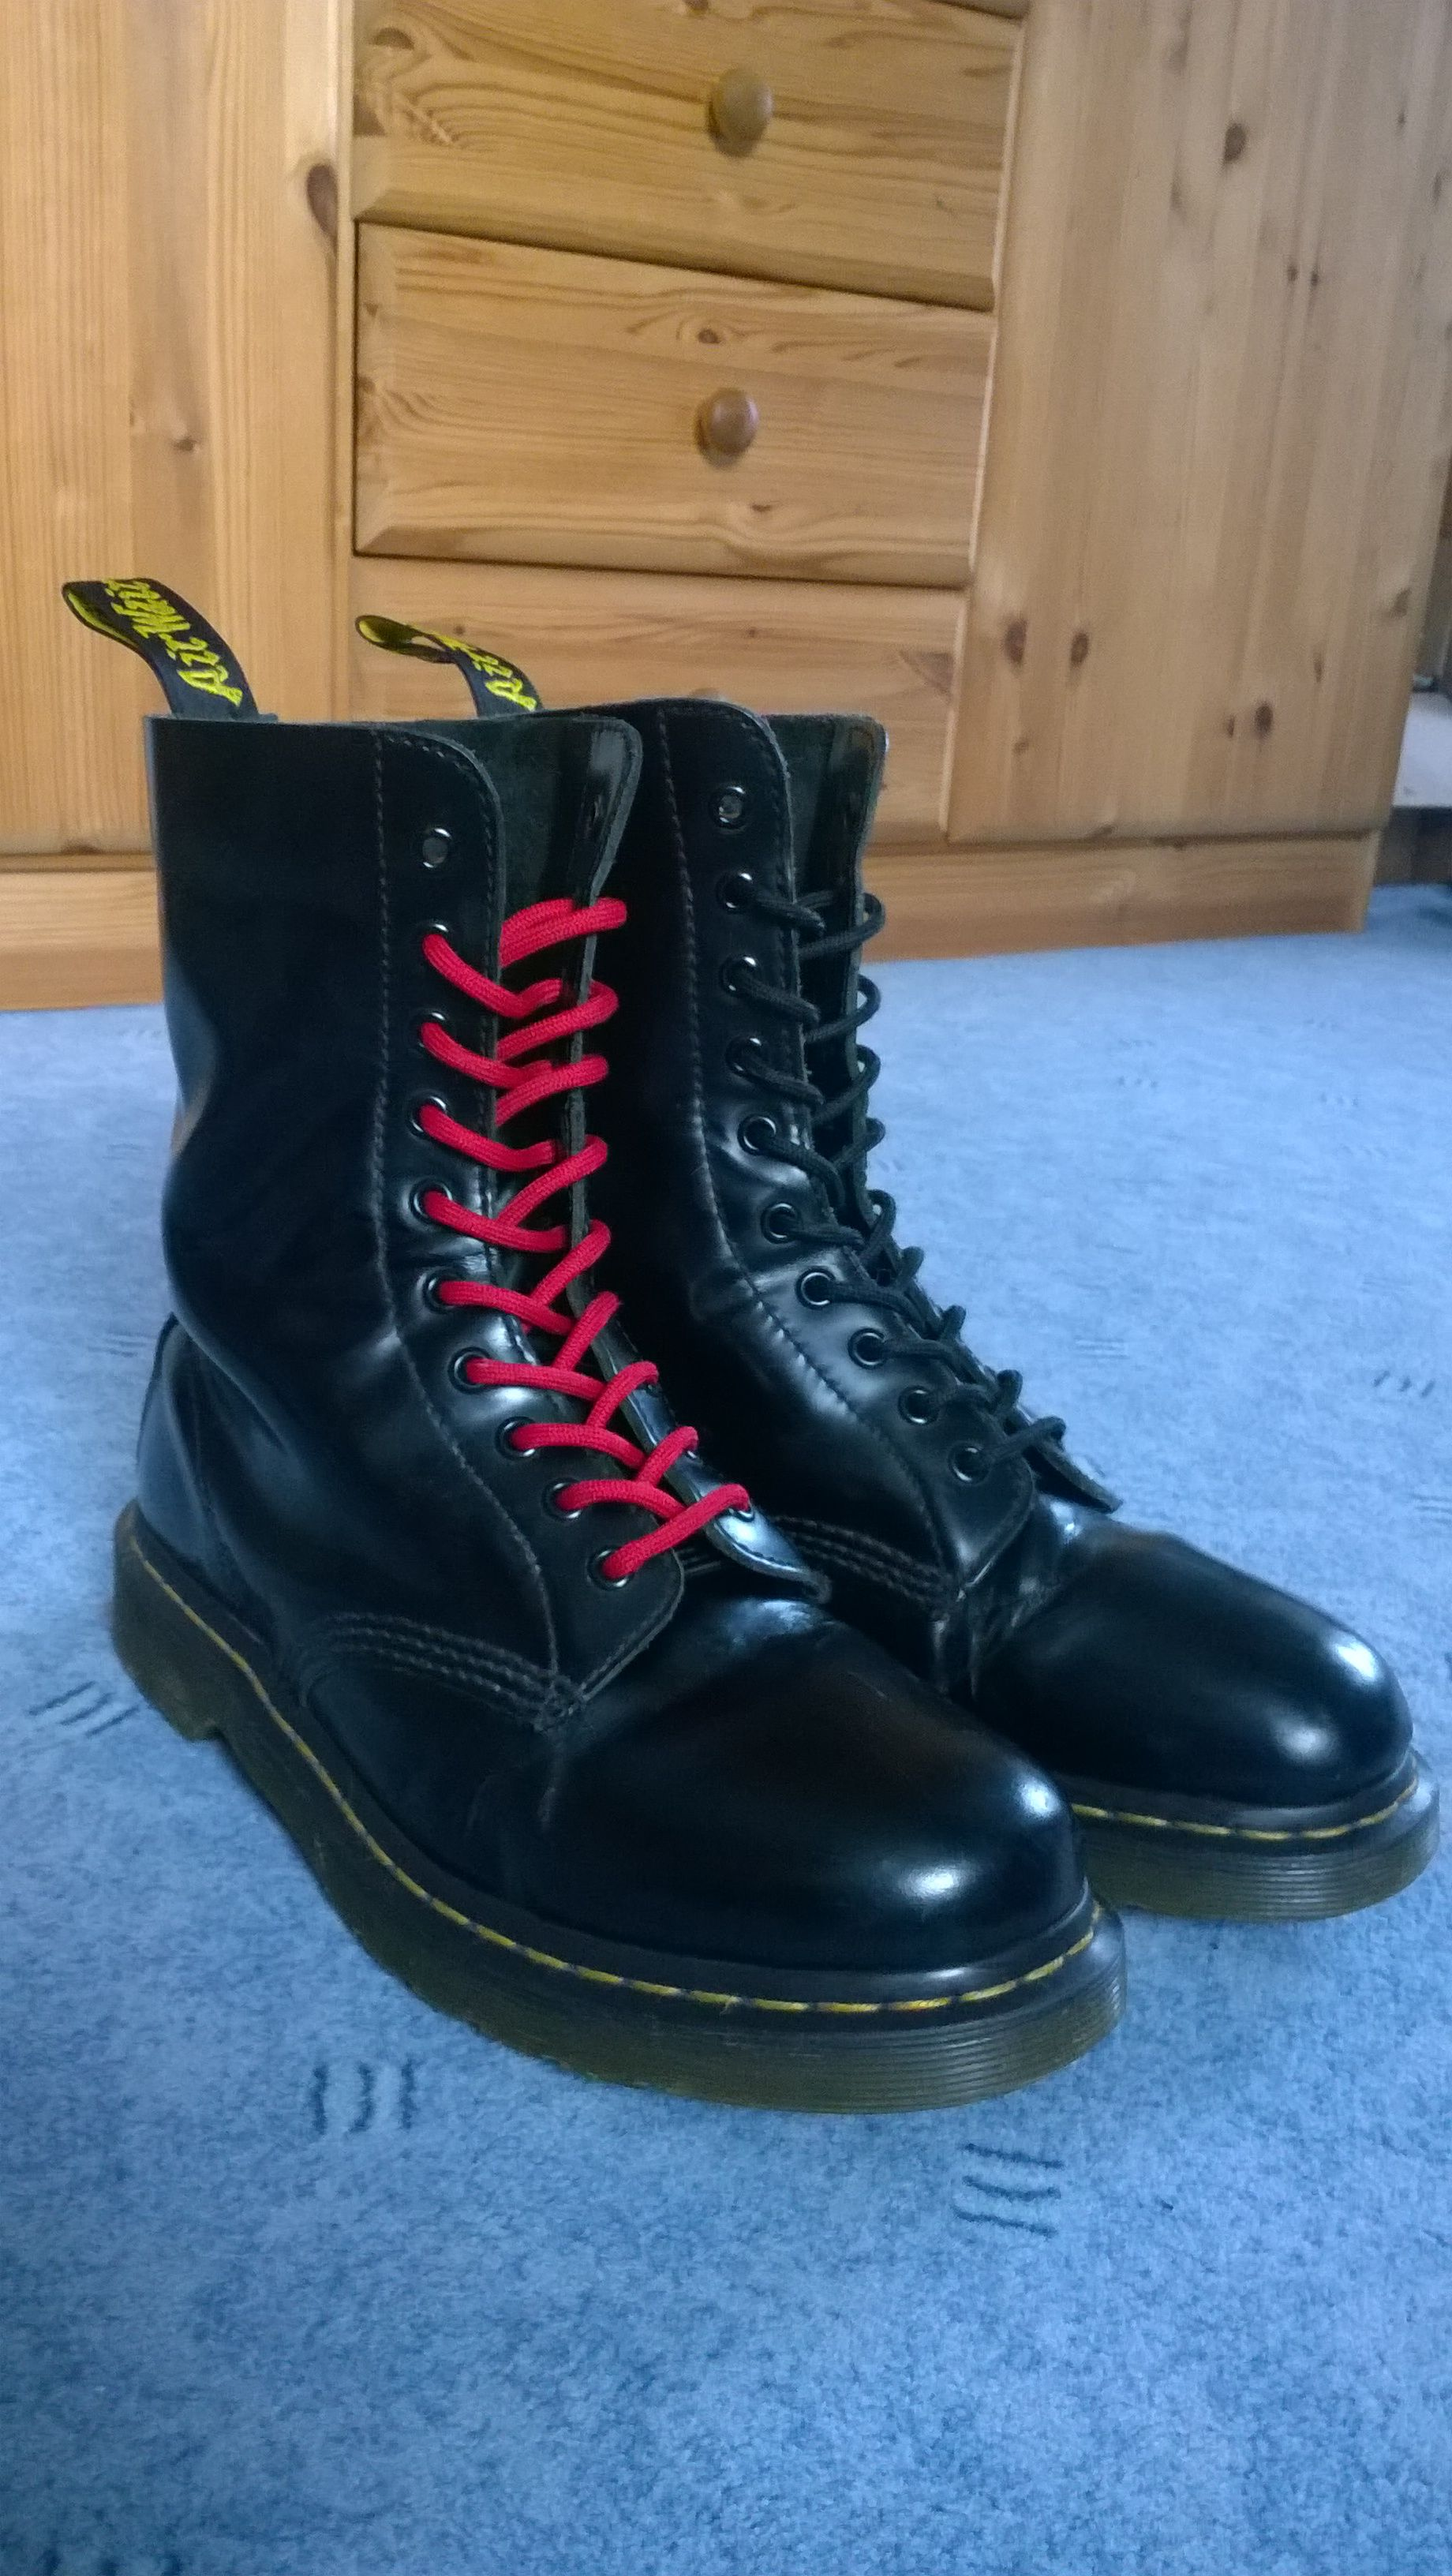 Dr. marten Boots 1490 black/red laces